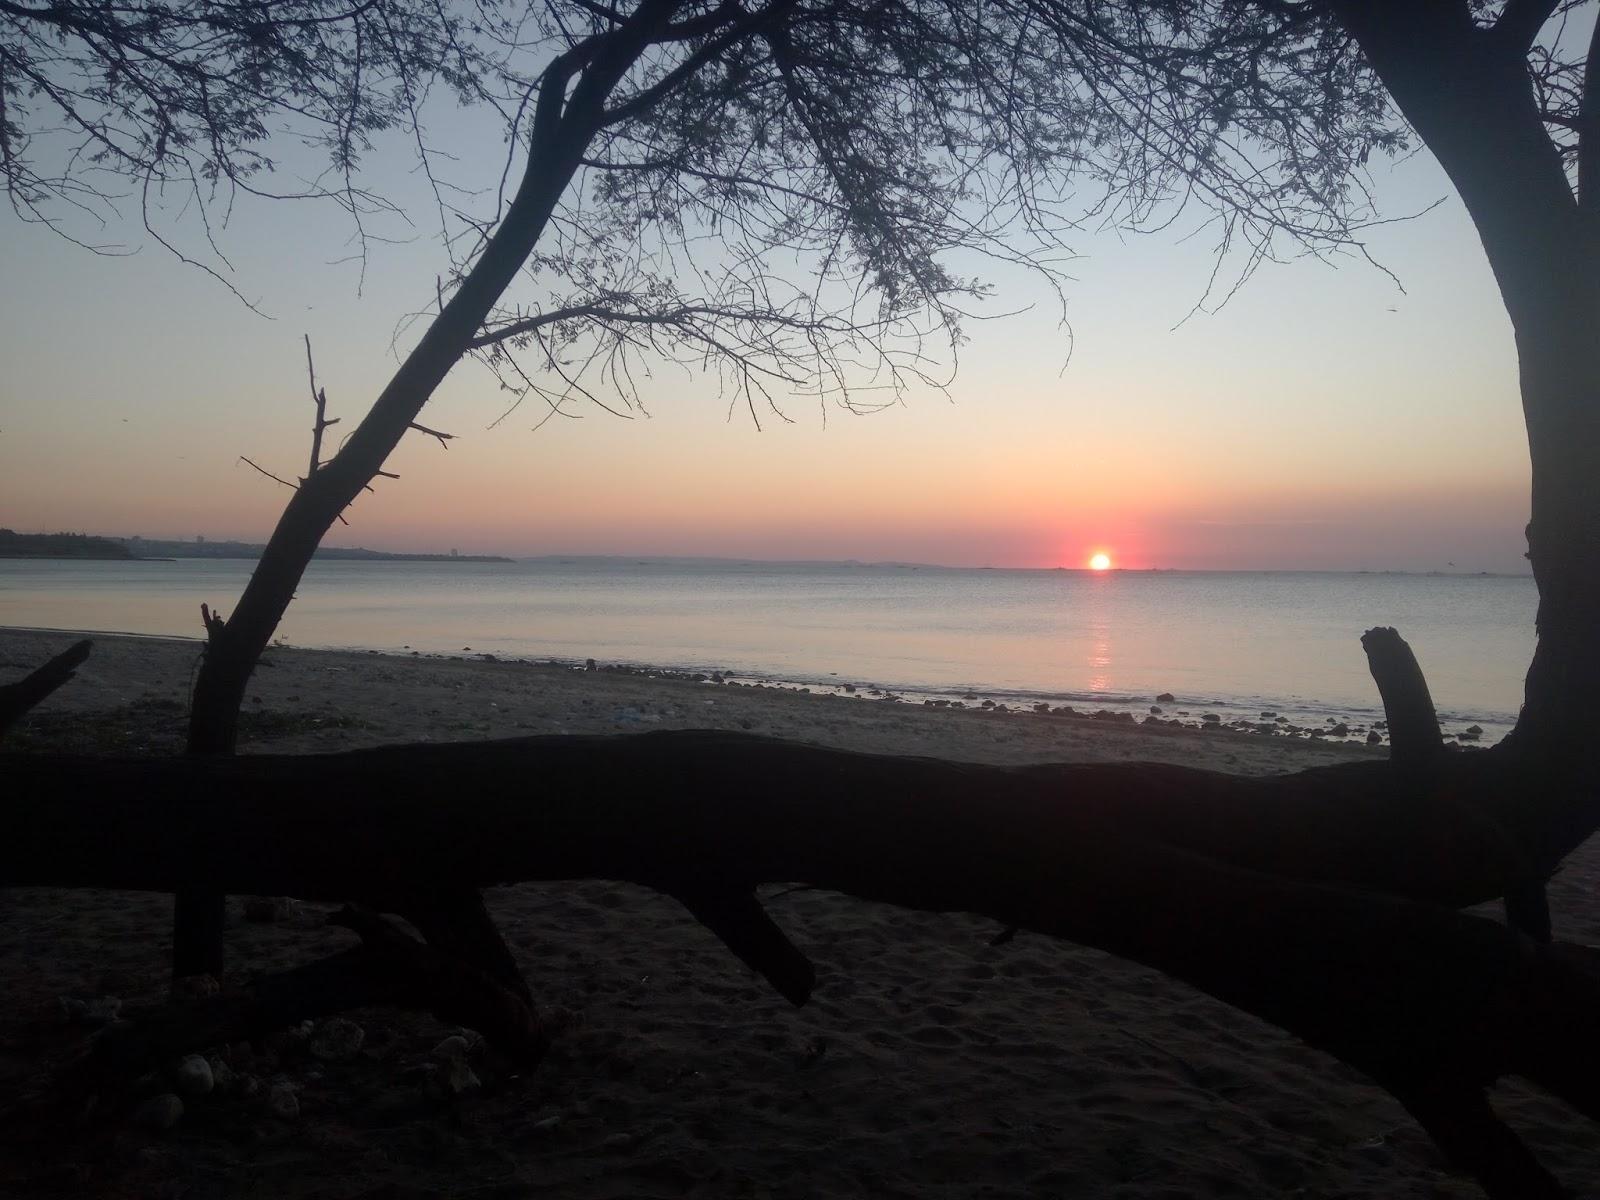 Menyepi Sejenak Pantai Manikin Kupang Ingatan Perjalanan Sepanjang Sisi Barat